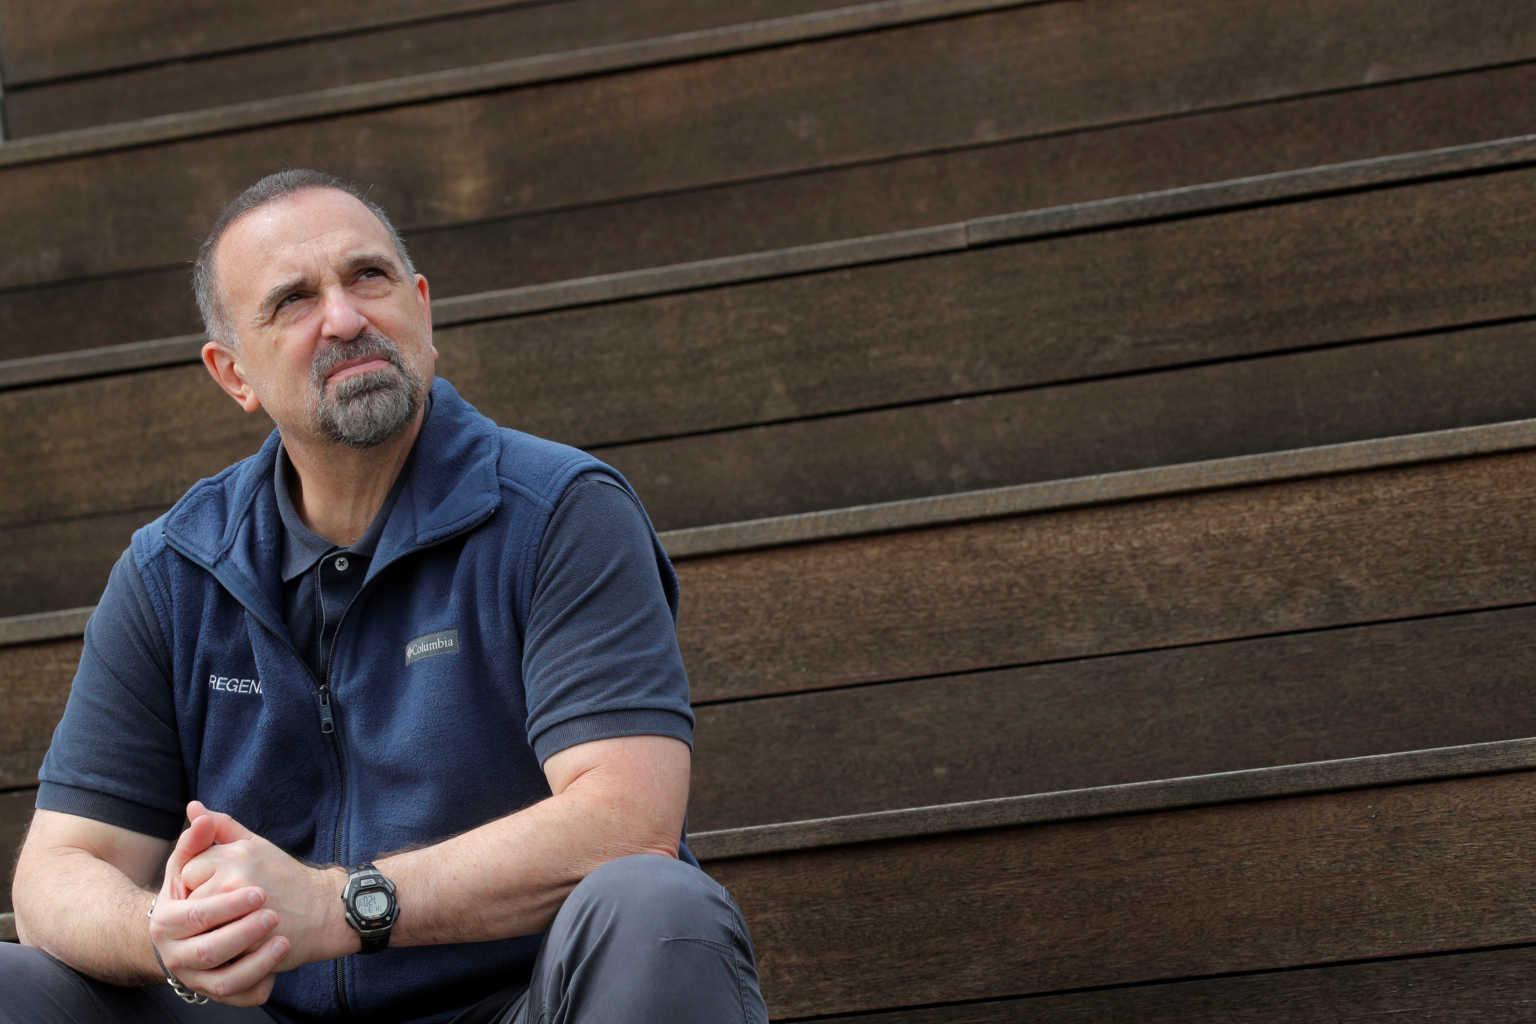 Τζορτζ Γιανκόπουλος: Ο επιστήμονας από την Καστοριά που είναι μια ανάσα από την θεραπεία του κορονοϊού